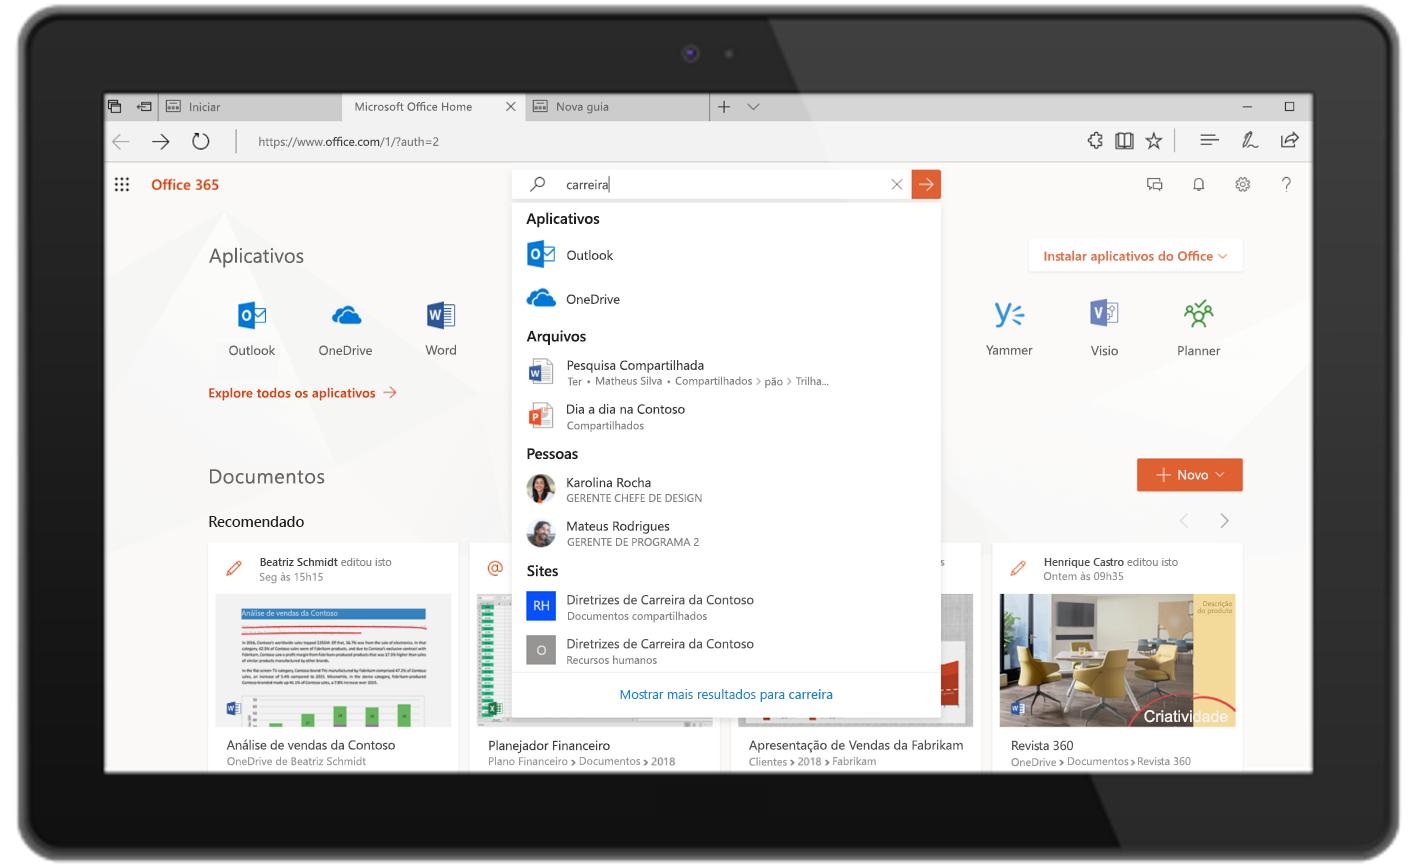 Imagem exibindo a Pesquisa da Microsoft em Office.com.